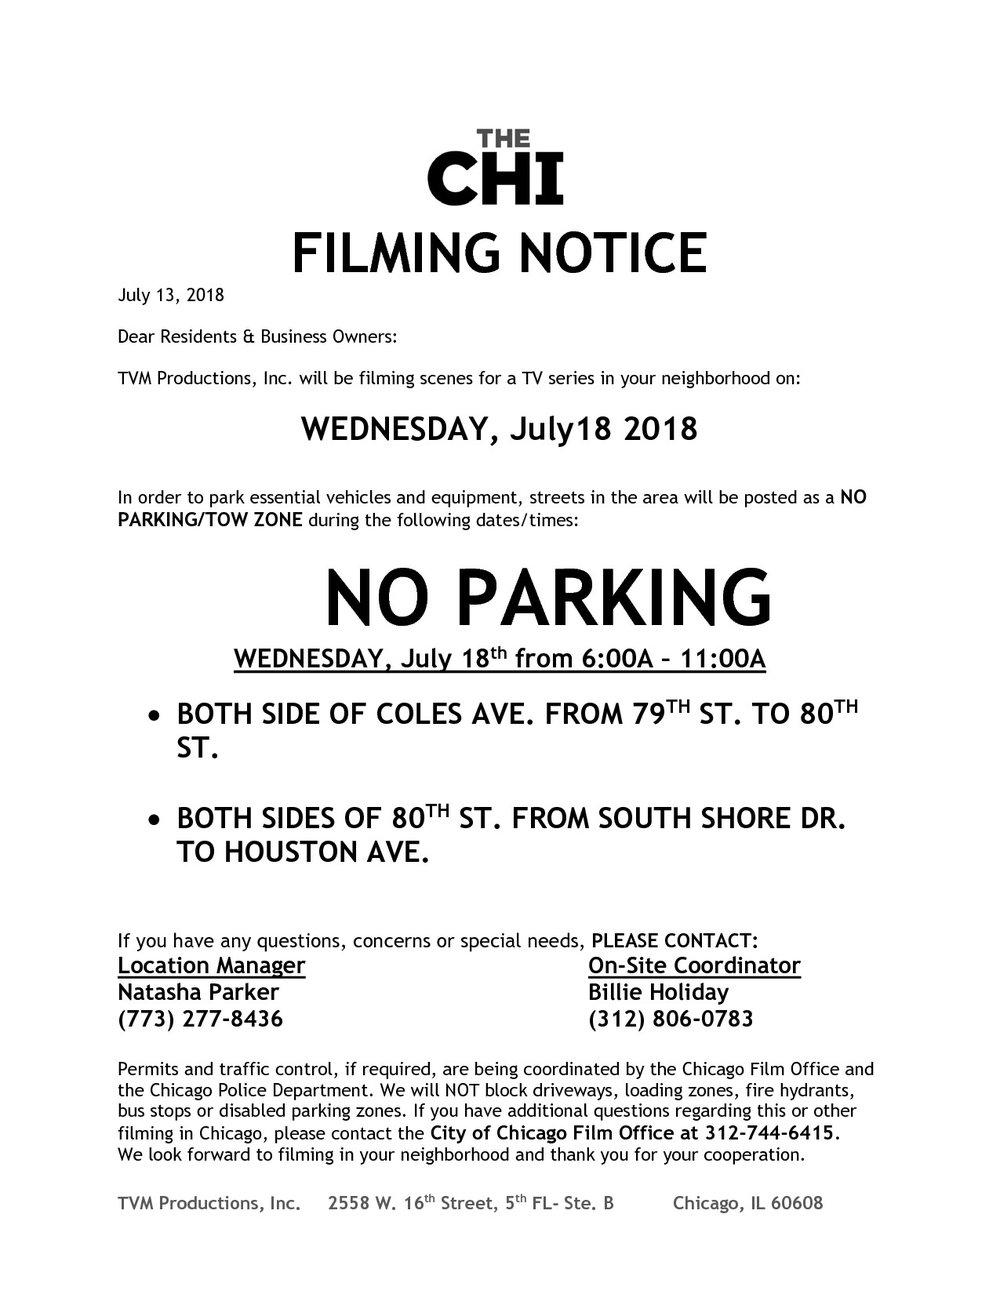 Filming Notice-7951 S. COLES.jpg